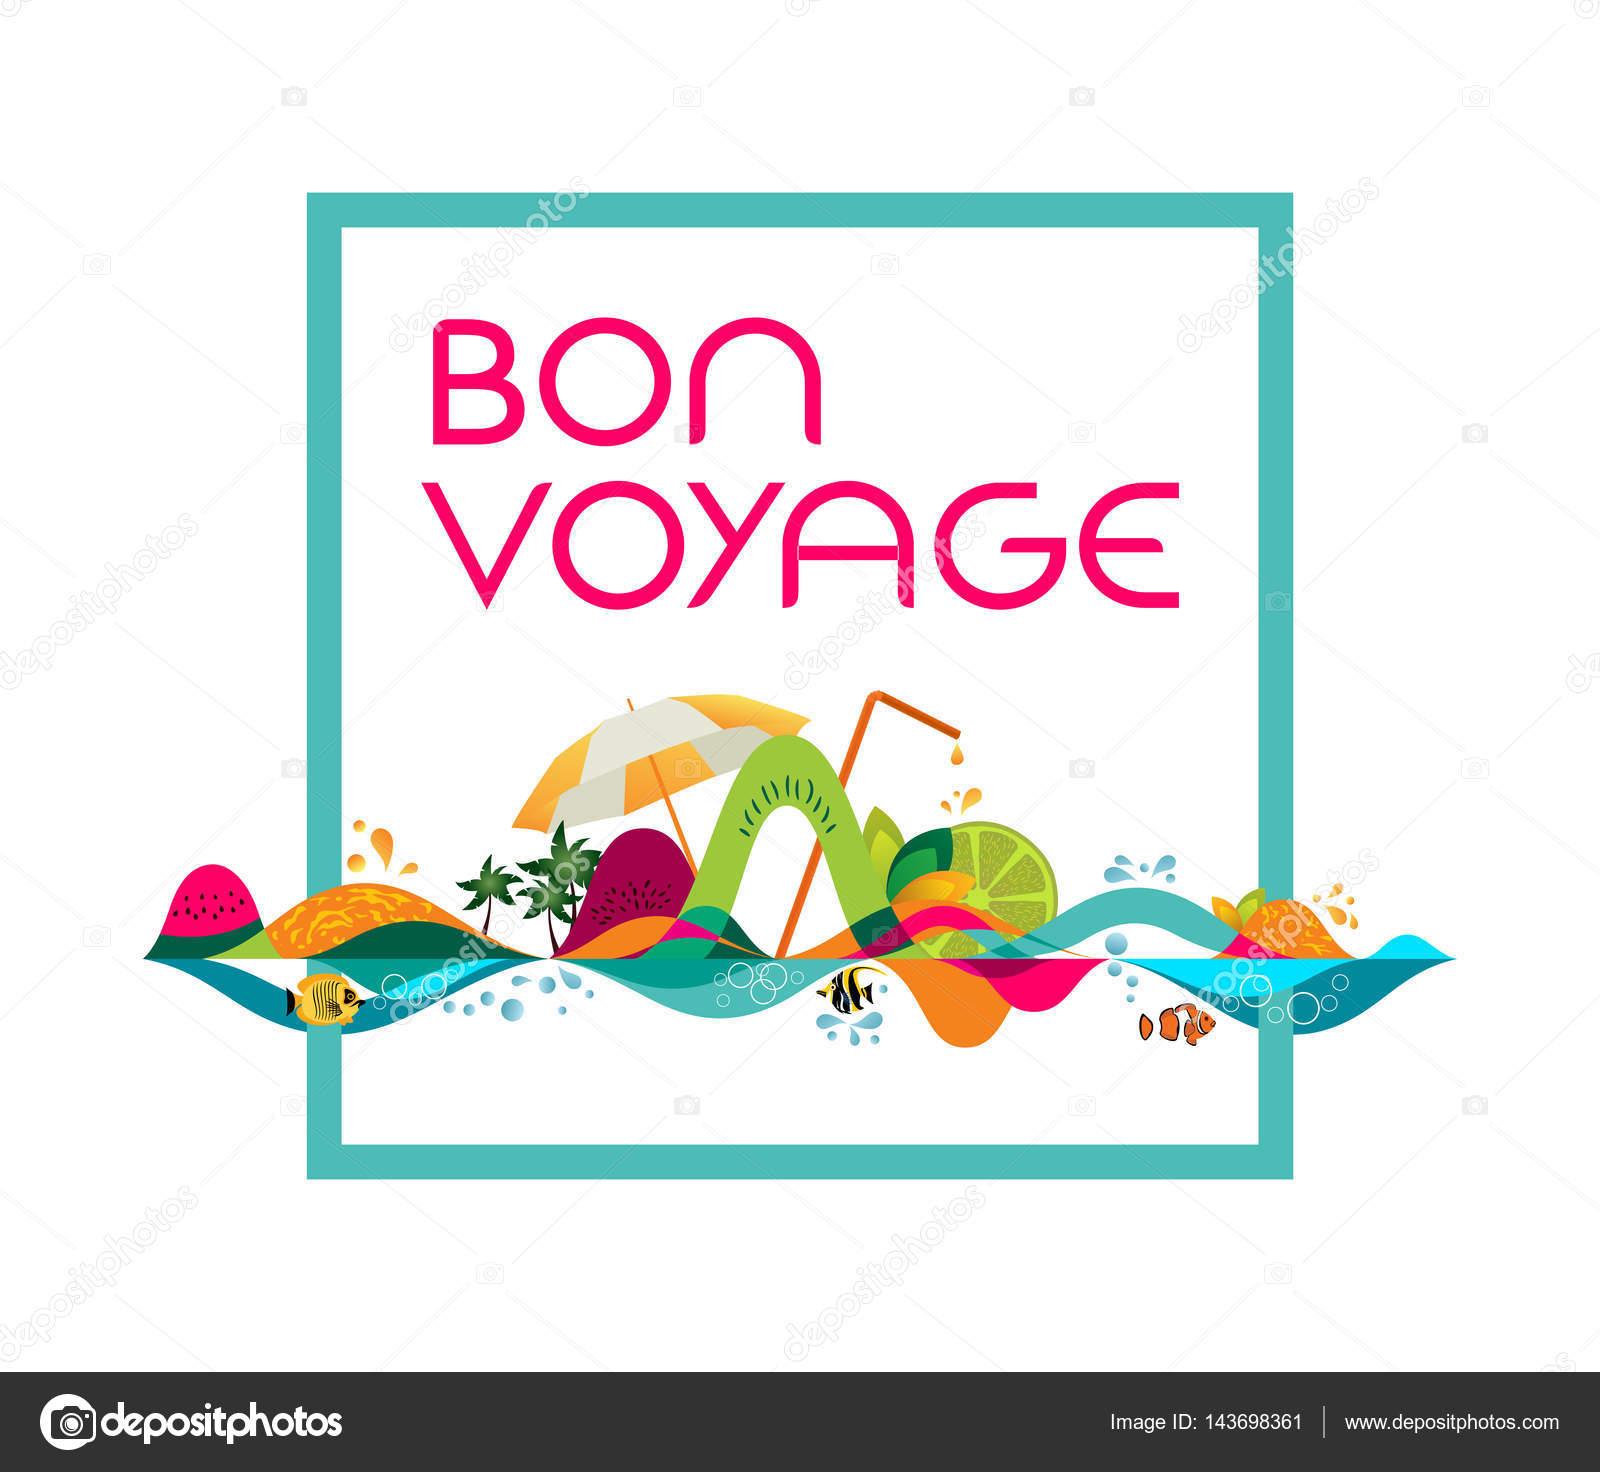 Bon Voyage - bandera, vector plantilla ilustración — Archivo ...